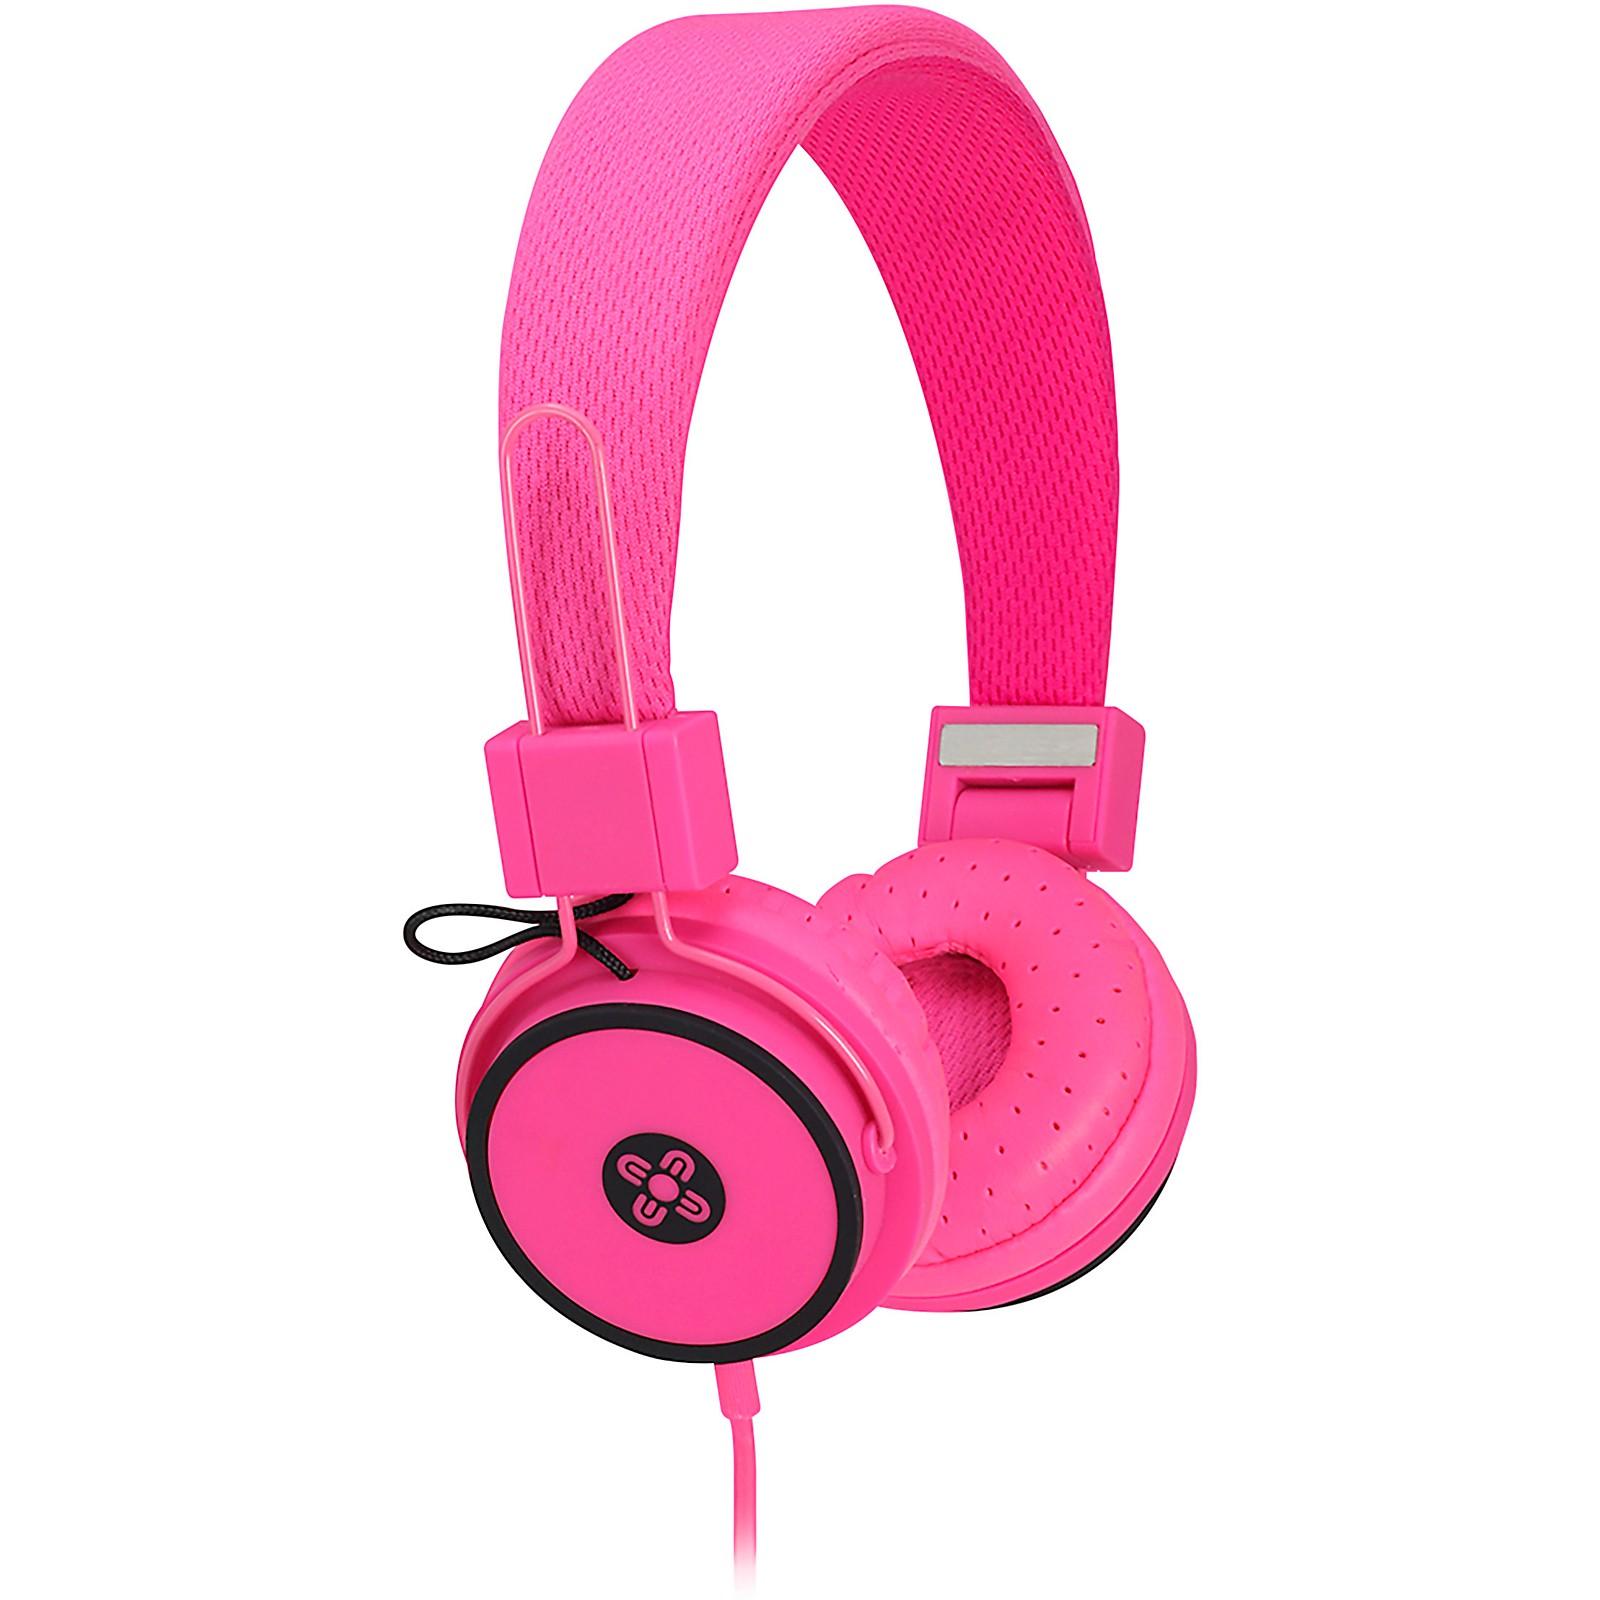 Moki Hyper Headphone